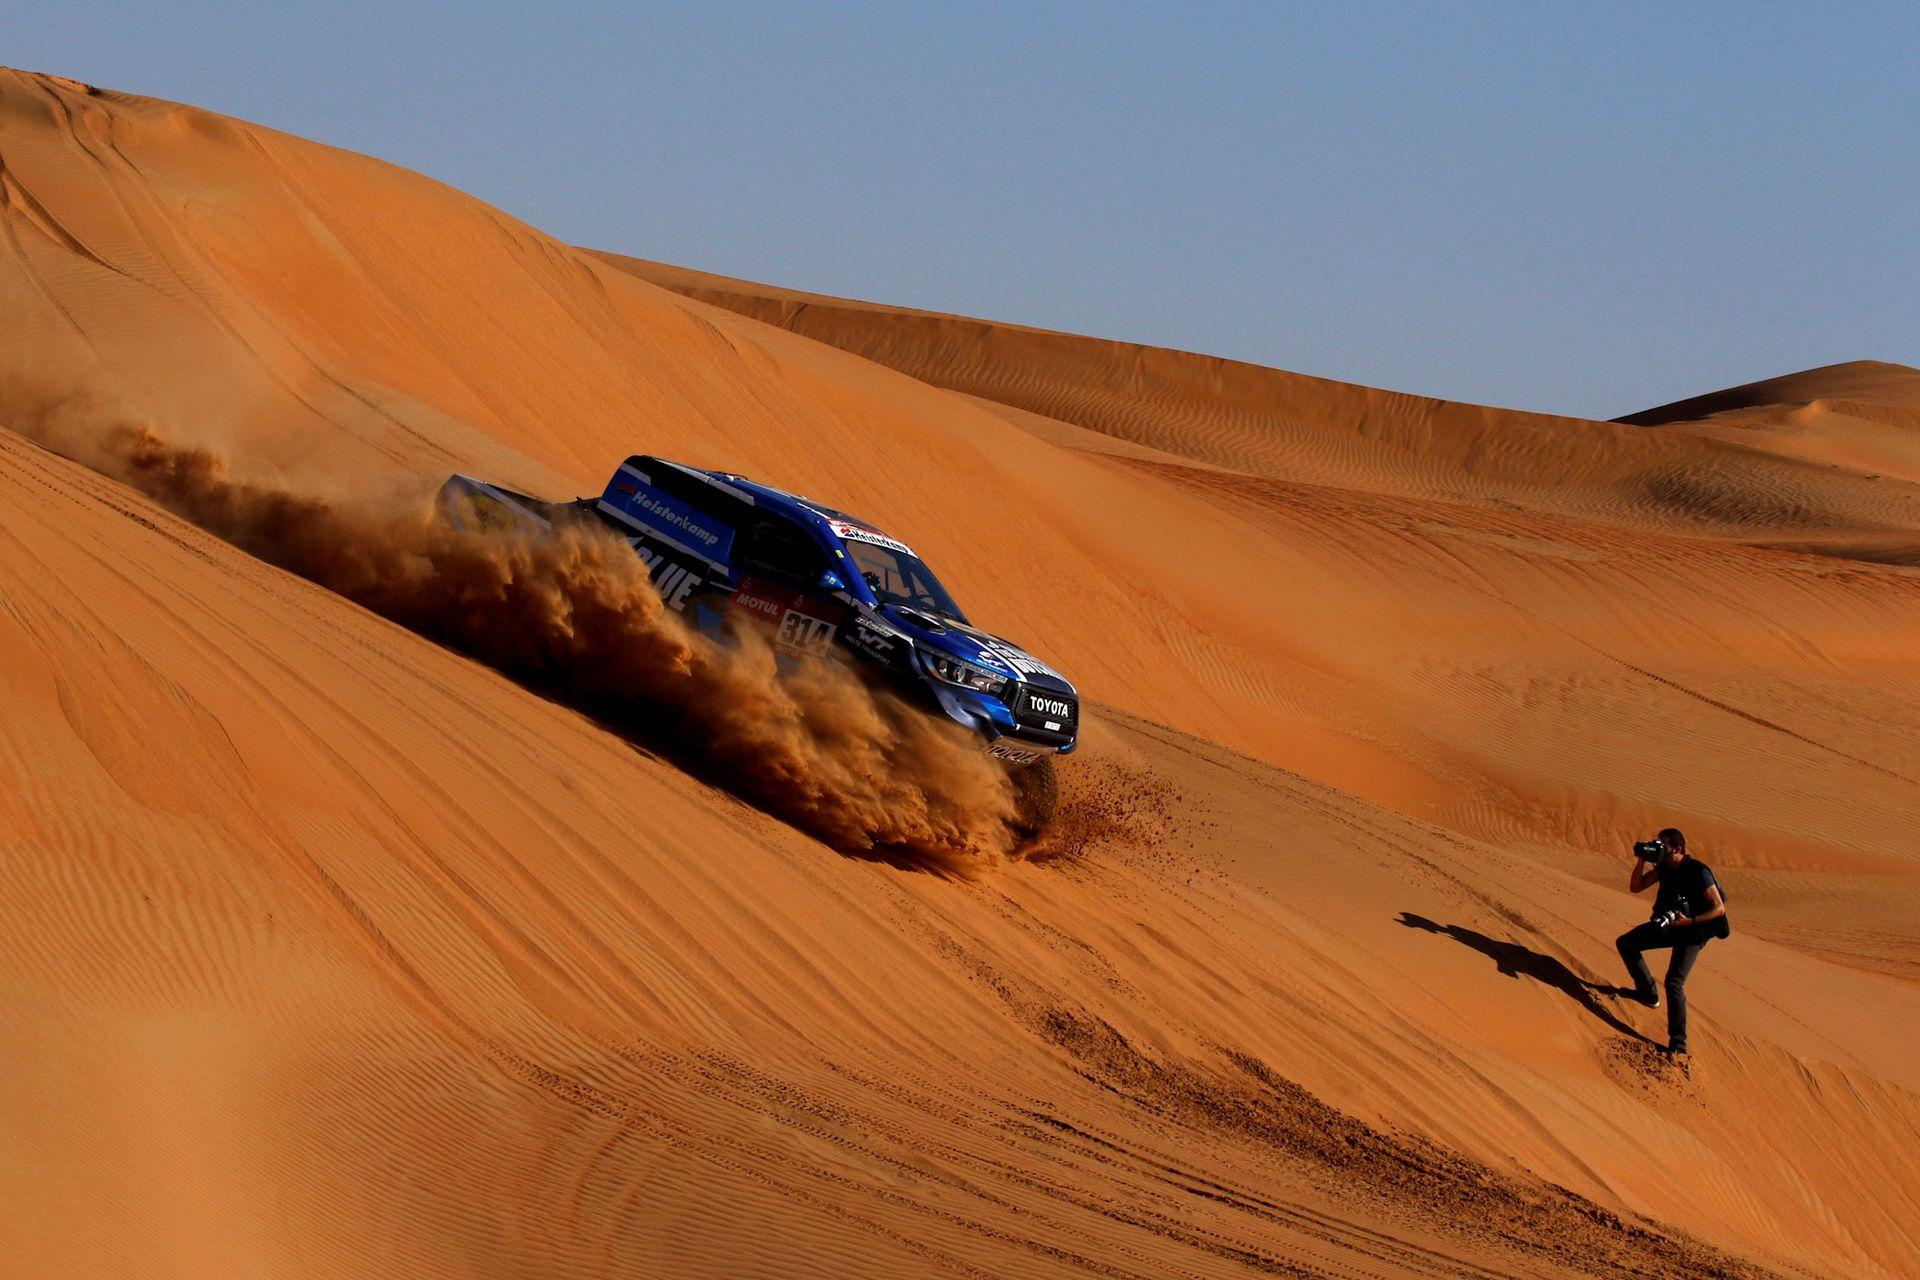 El piloto Sebastien Delaunay desciende de las dunas en la etapa 11